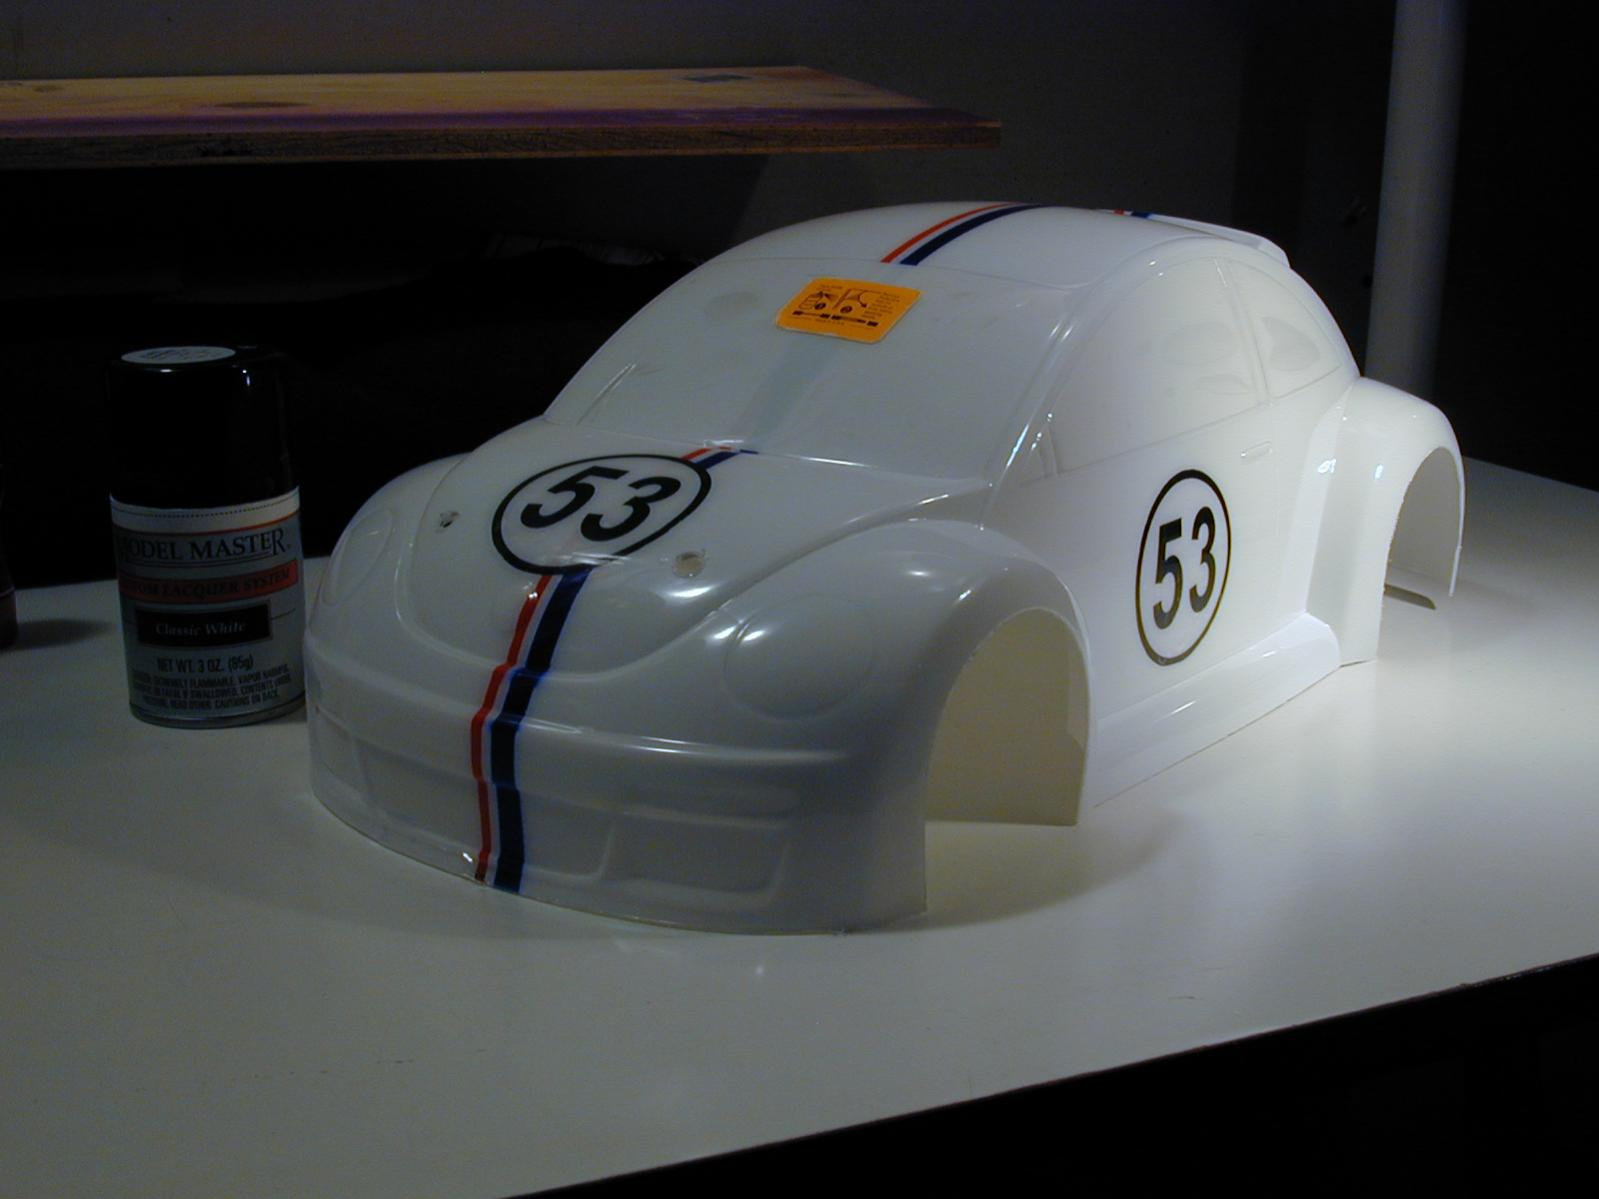 classic Herbie Beetle!